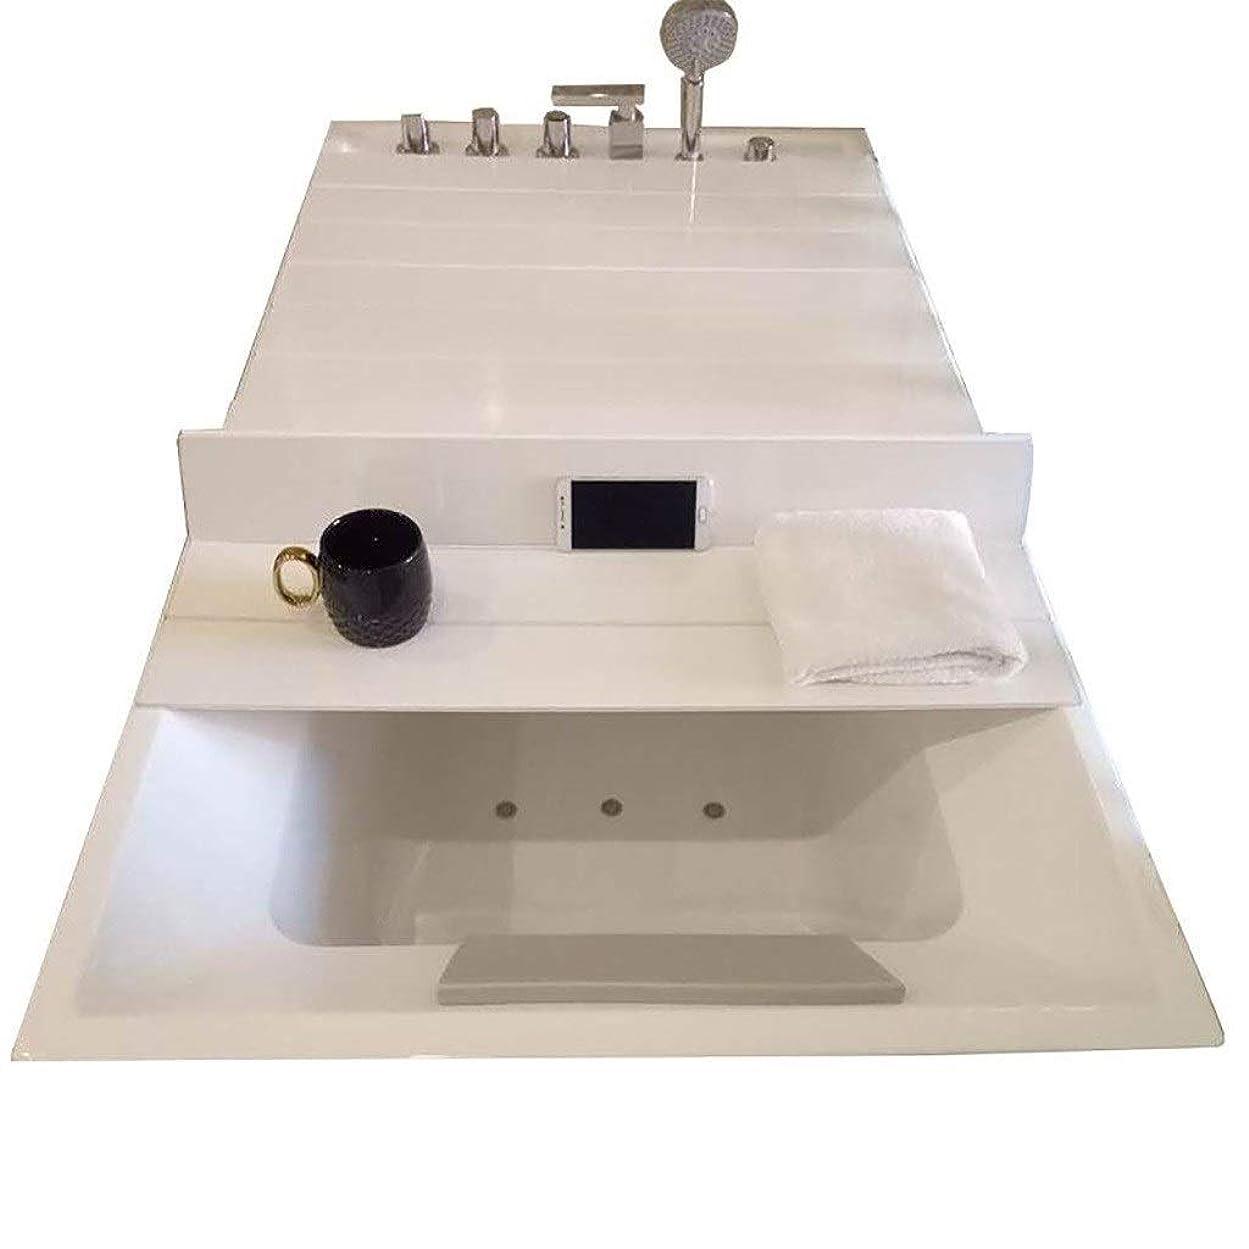 シェフ割り込み化合物バスタブはアンチダスト折りたたみダストボードバスタブ絶縁カバーPVC白をカバー (Color : 115*75*0.7cm)